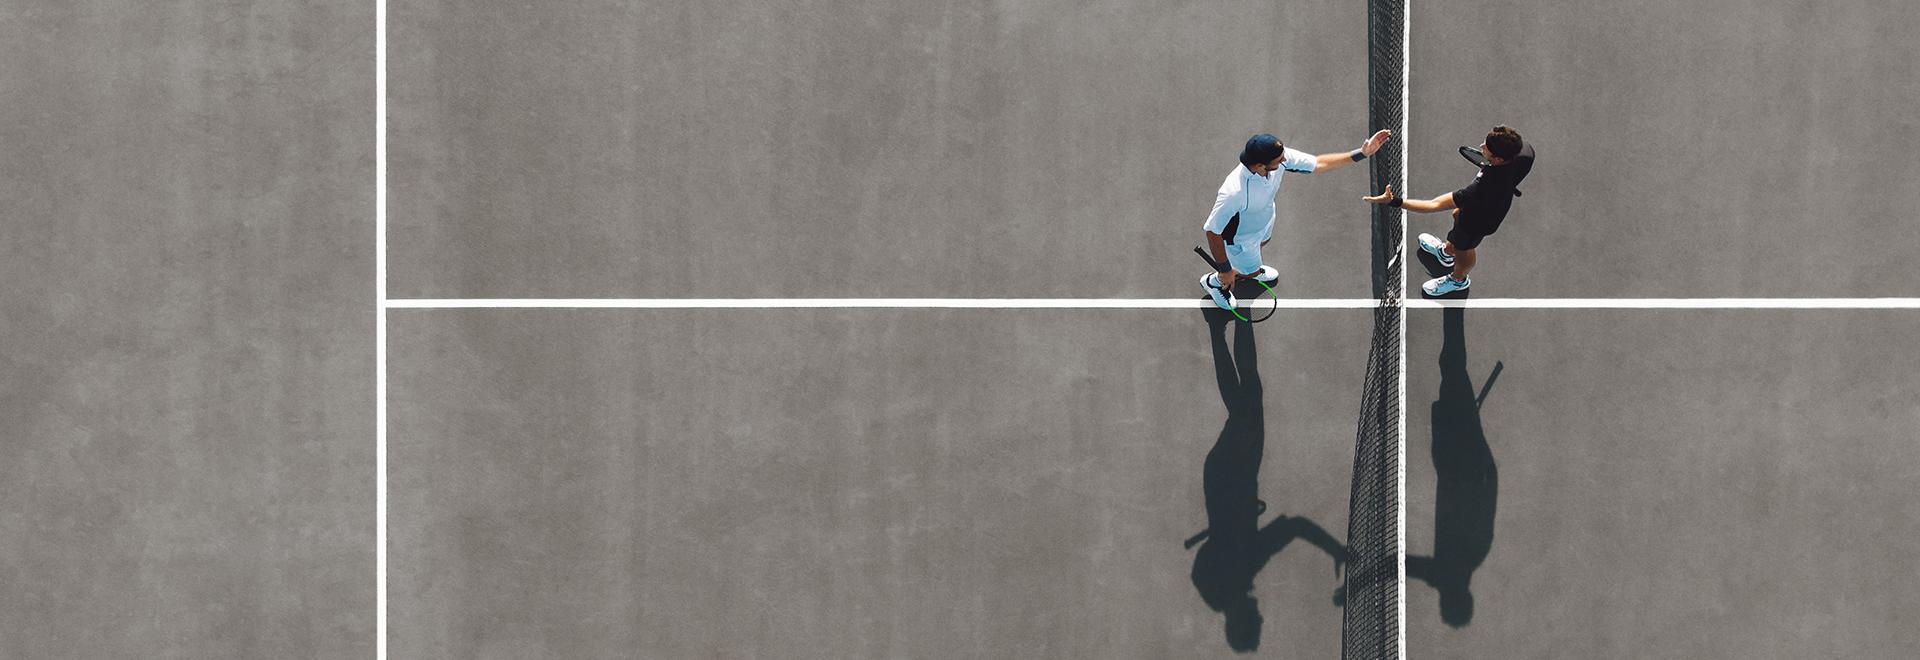 Header afbeelding tennis_1920x660